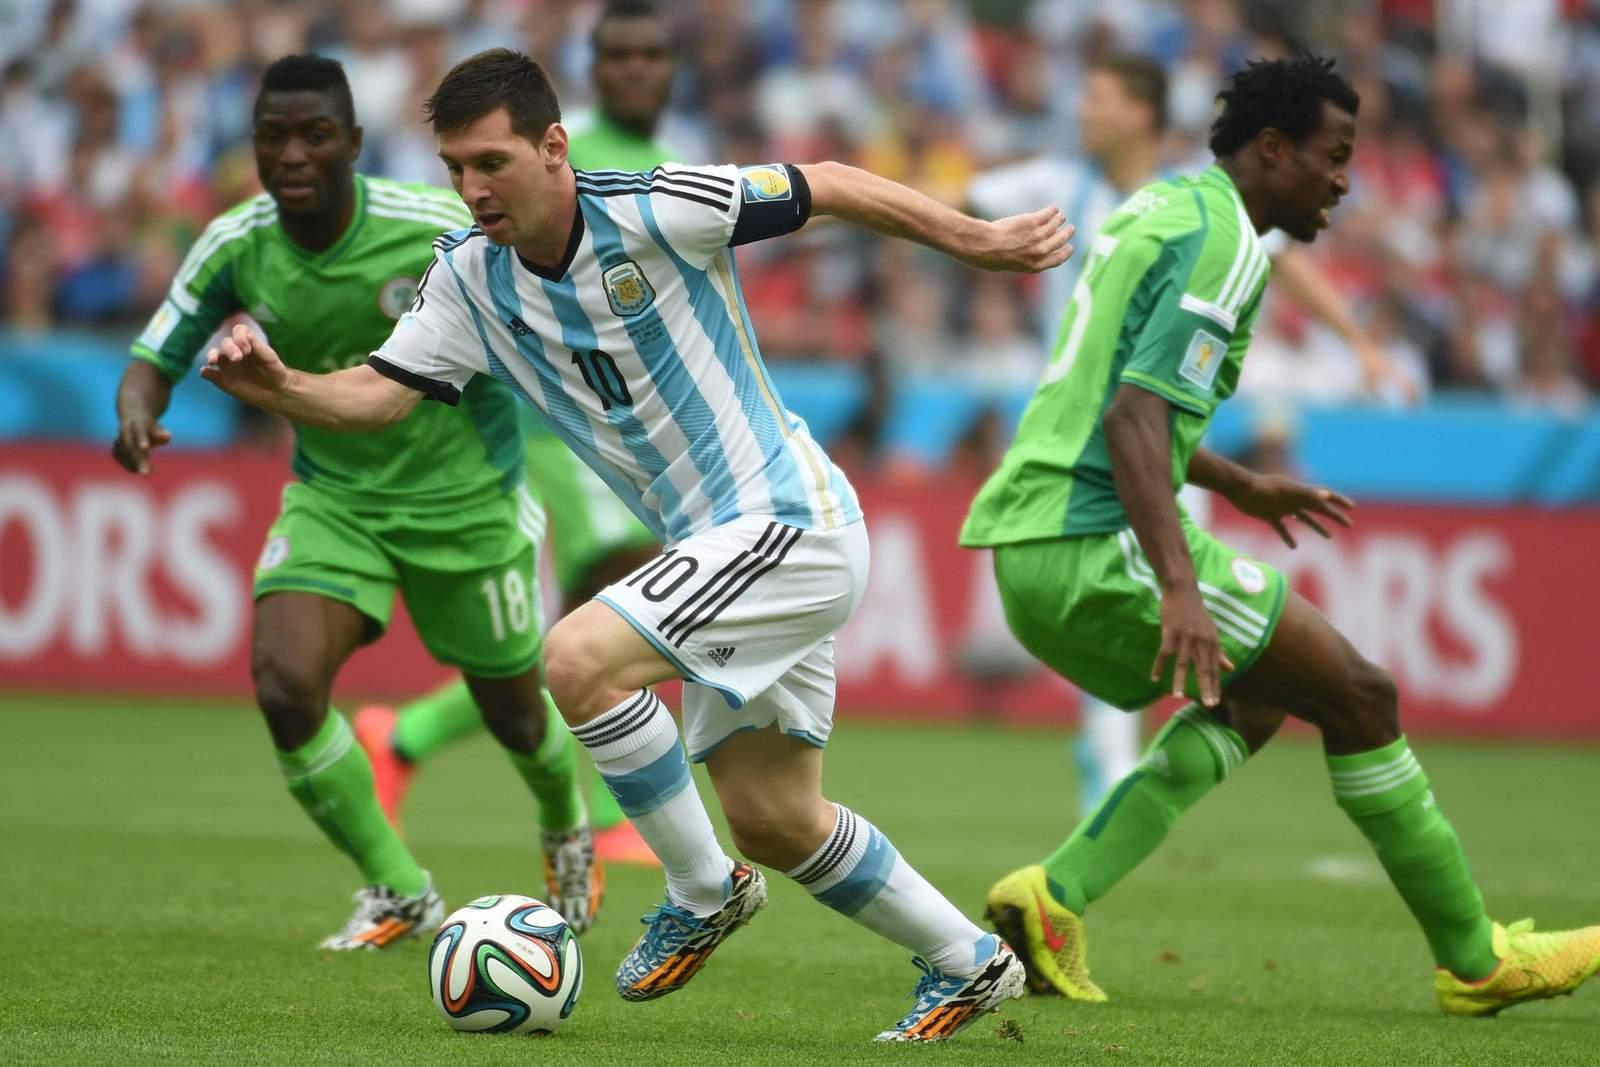 Setzt sich Messi wieder durch? Jetzt Nigeria vs Argentinien im Livestream schauen